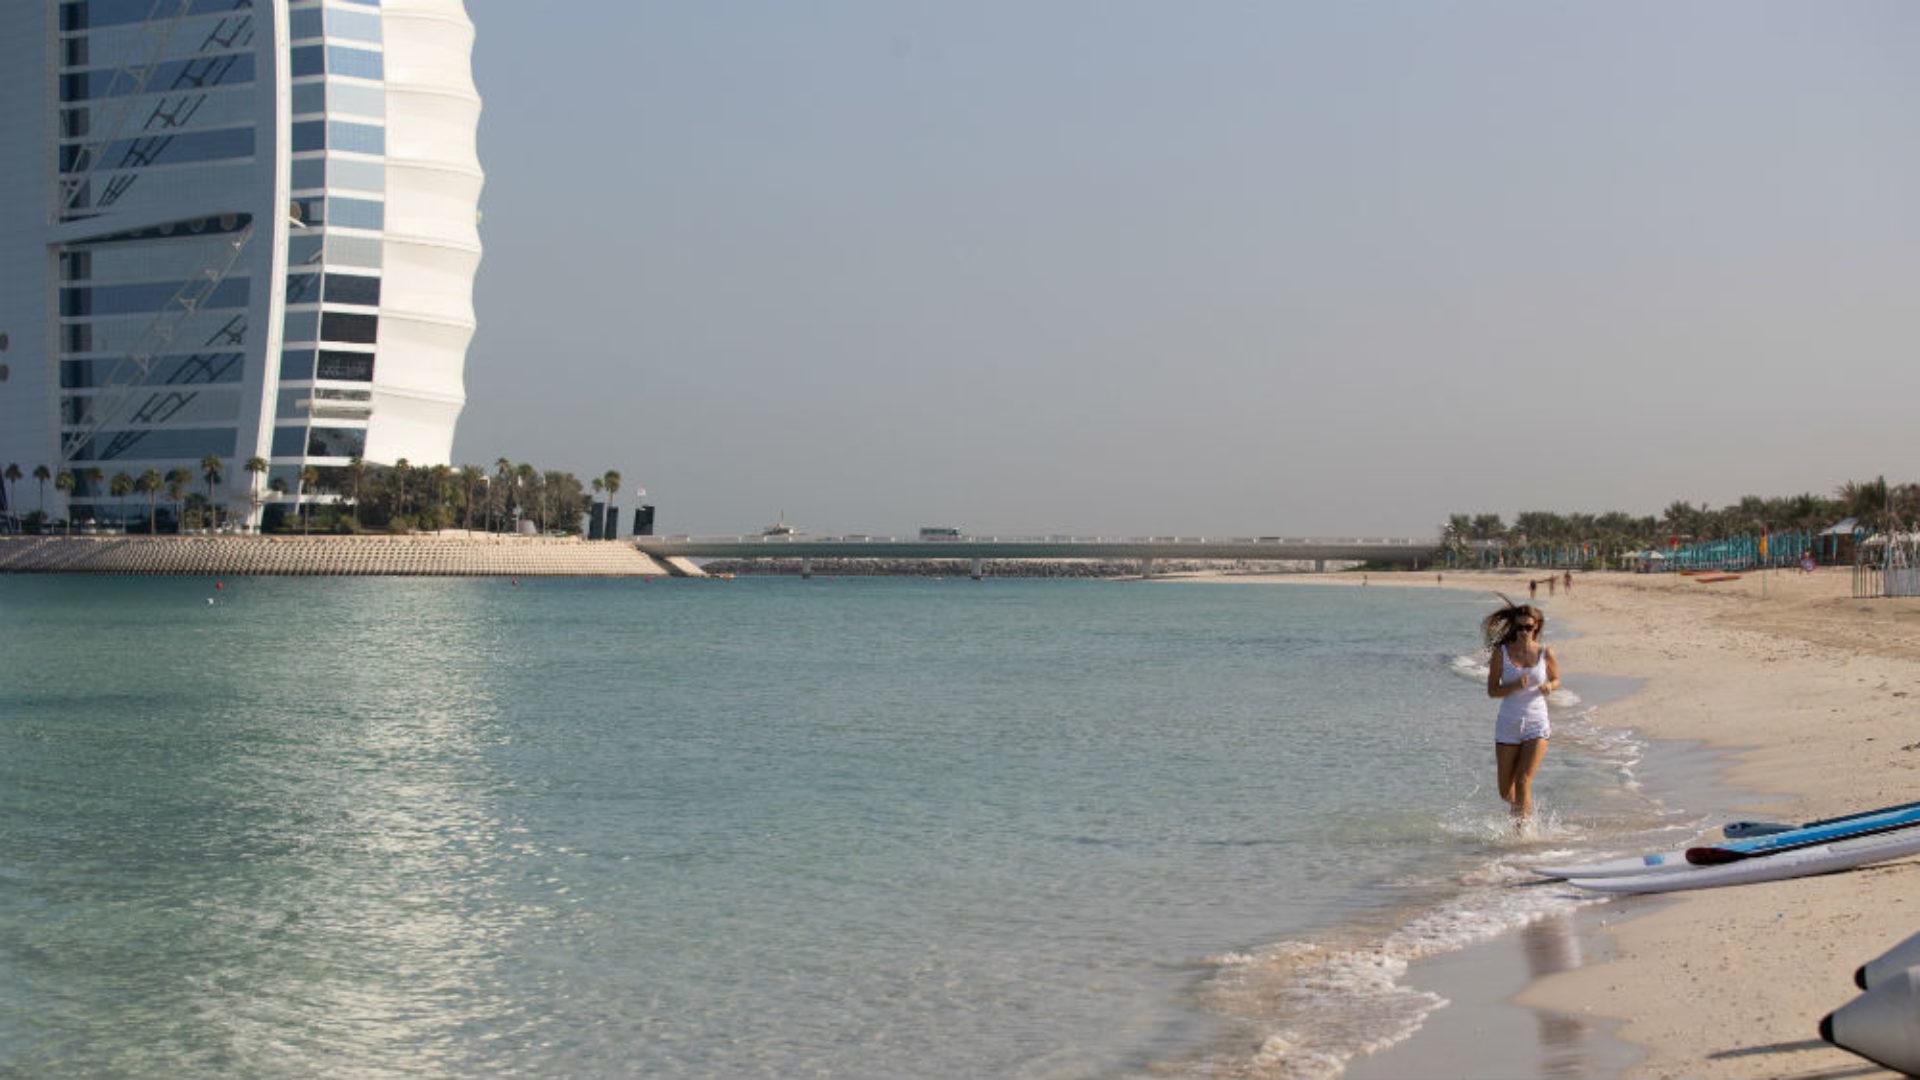 Lady by Beach near the Jumeirah Al Qasr